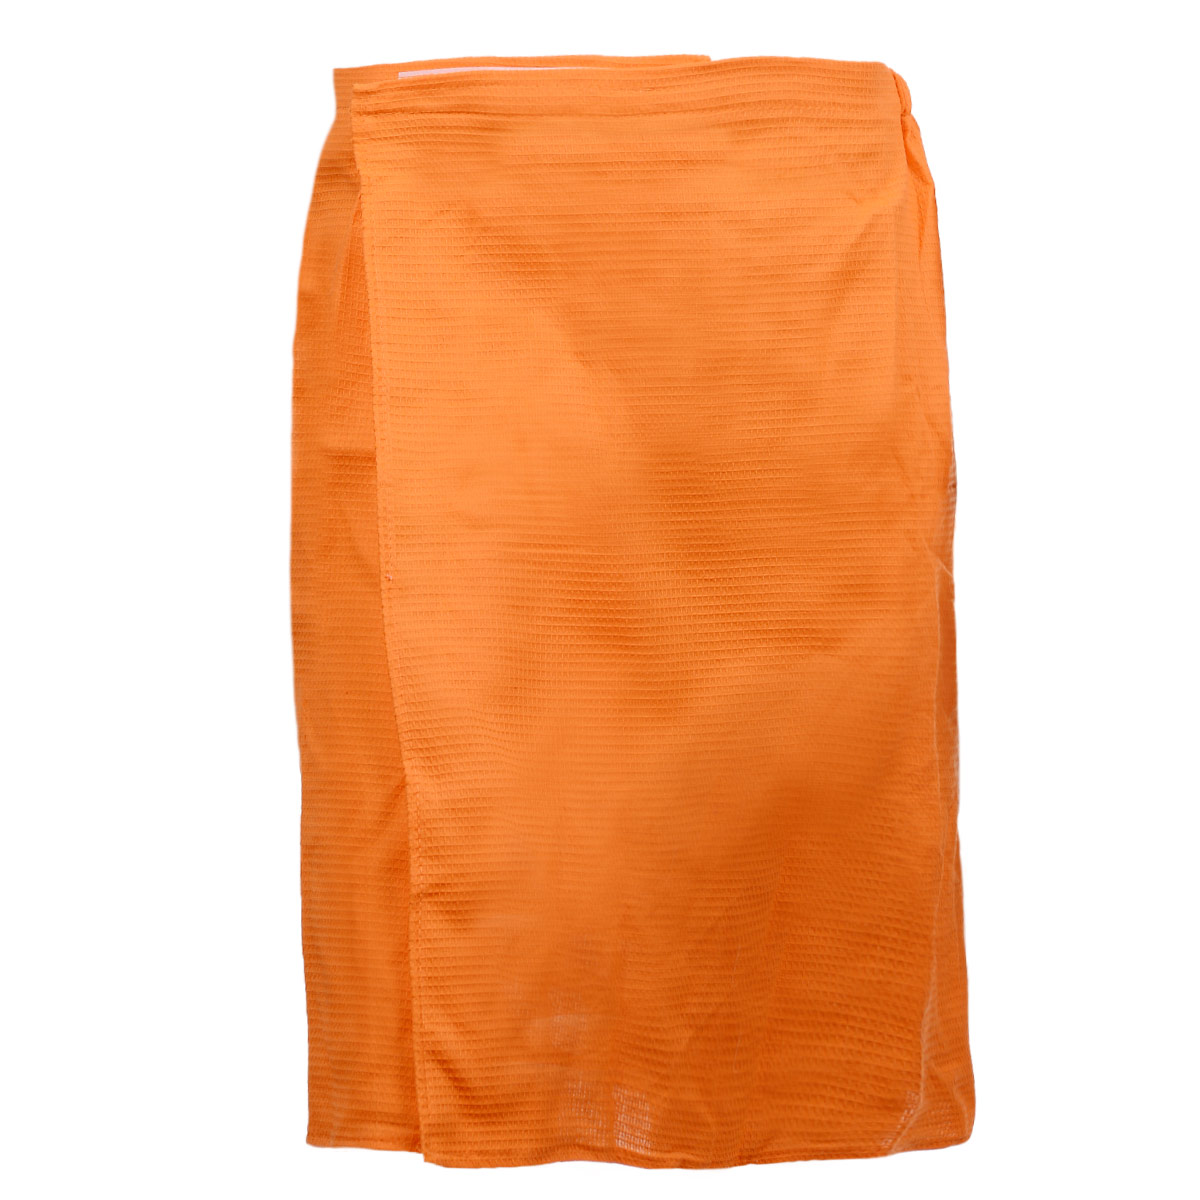 Килт для бани и сауны Банные штучки, мужской, цвет: оранжевый килт для бани и сауны банные штучки мужской цвет голубой